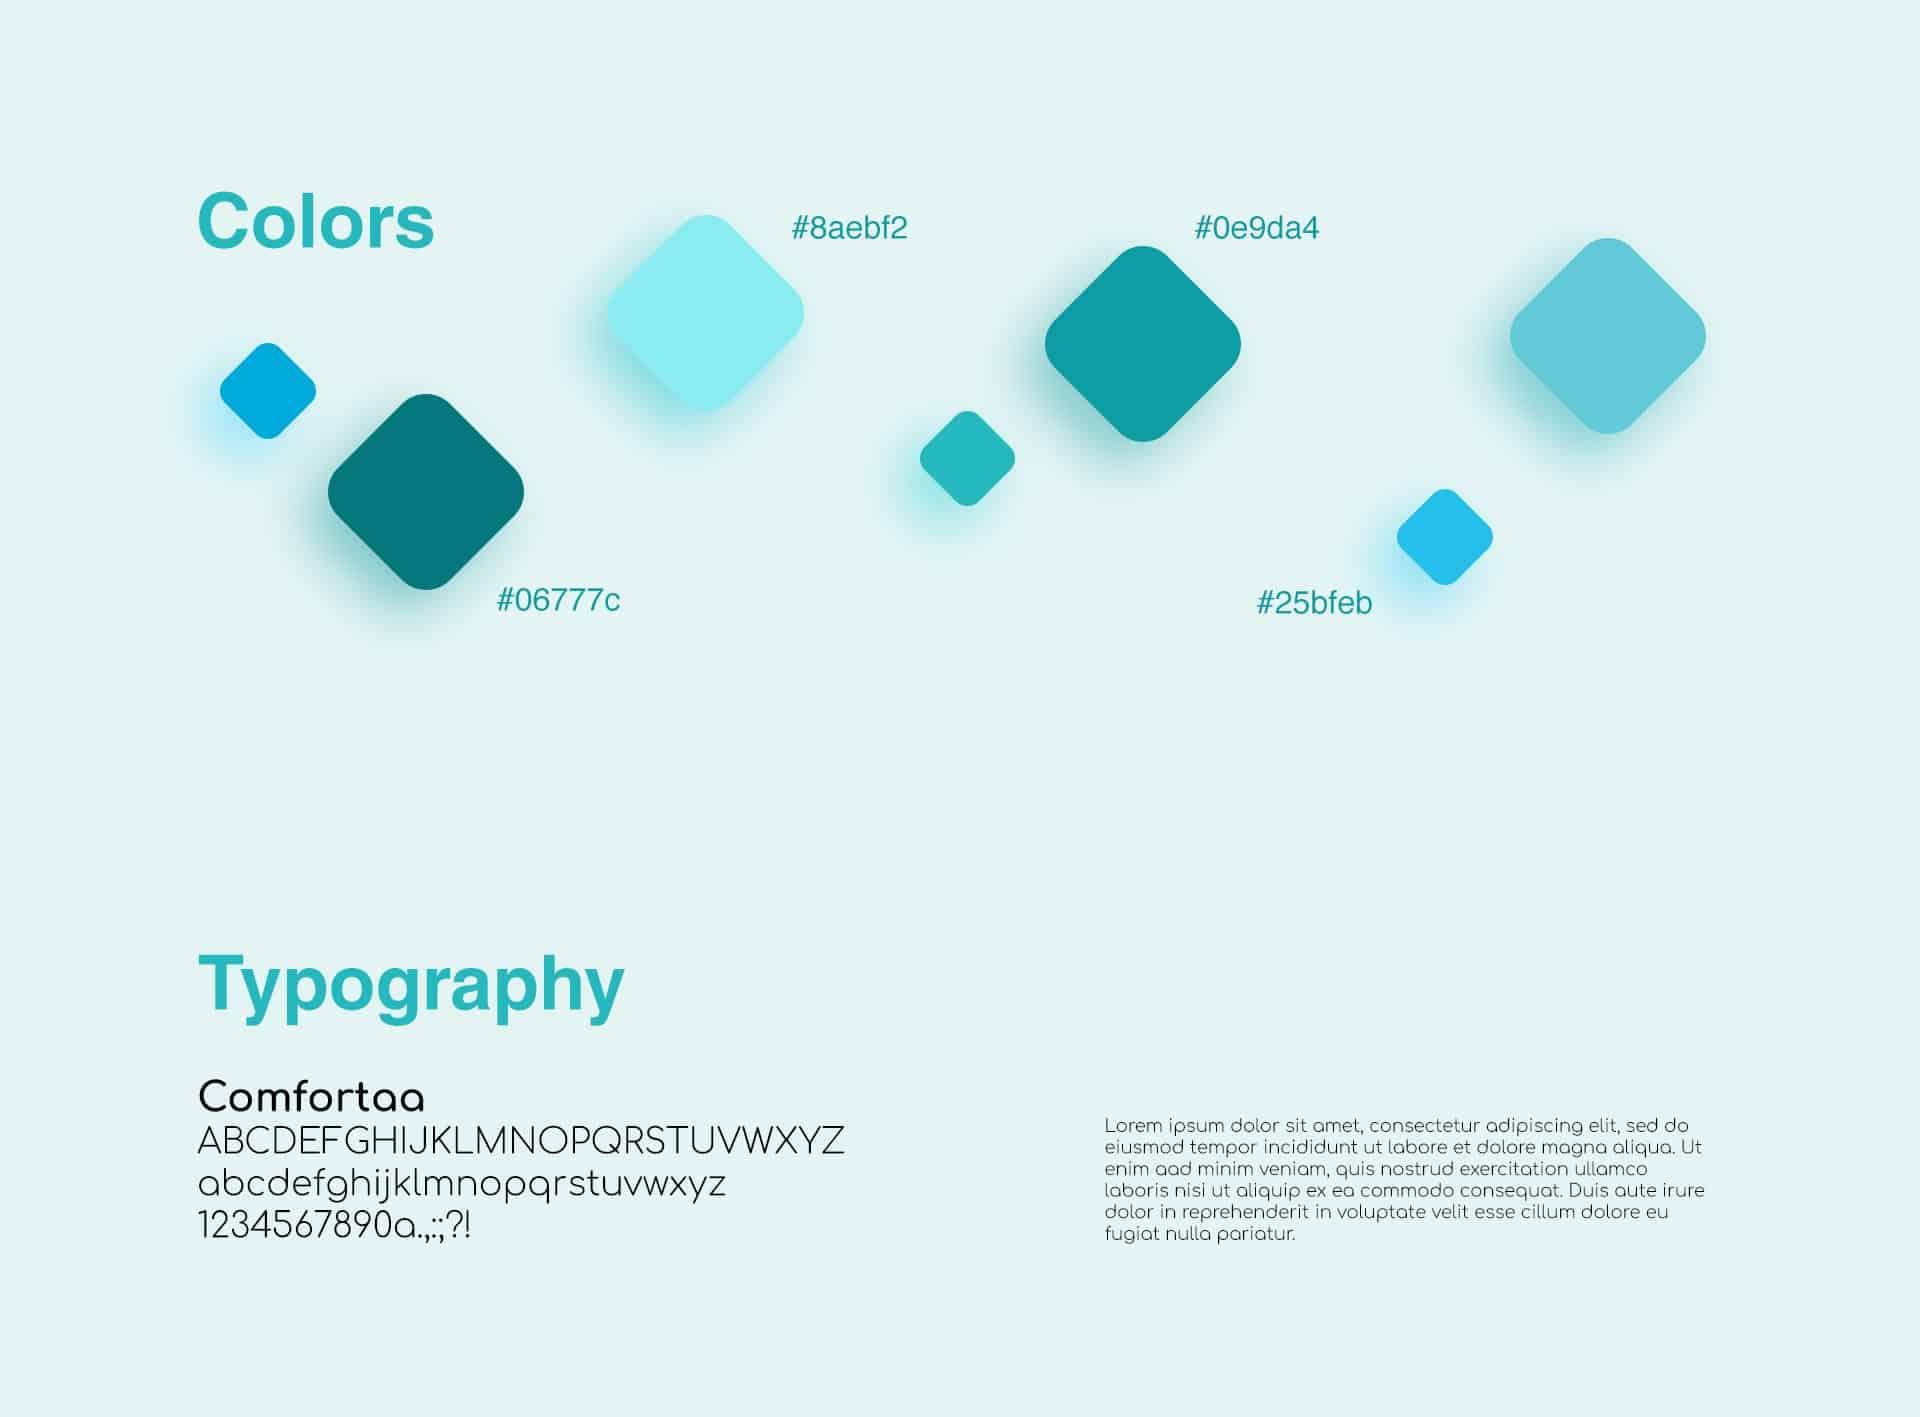 Результаты разработки фирменного стиля: цветовая гамма и набор шрифтов – по сути, создание брендбука